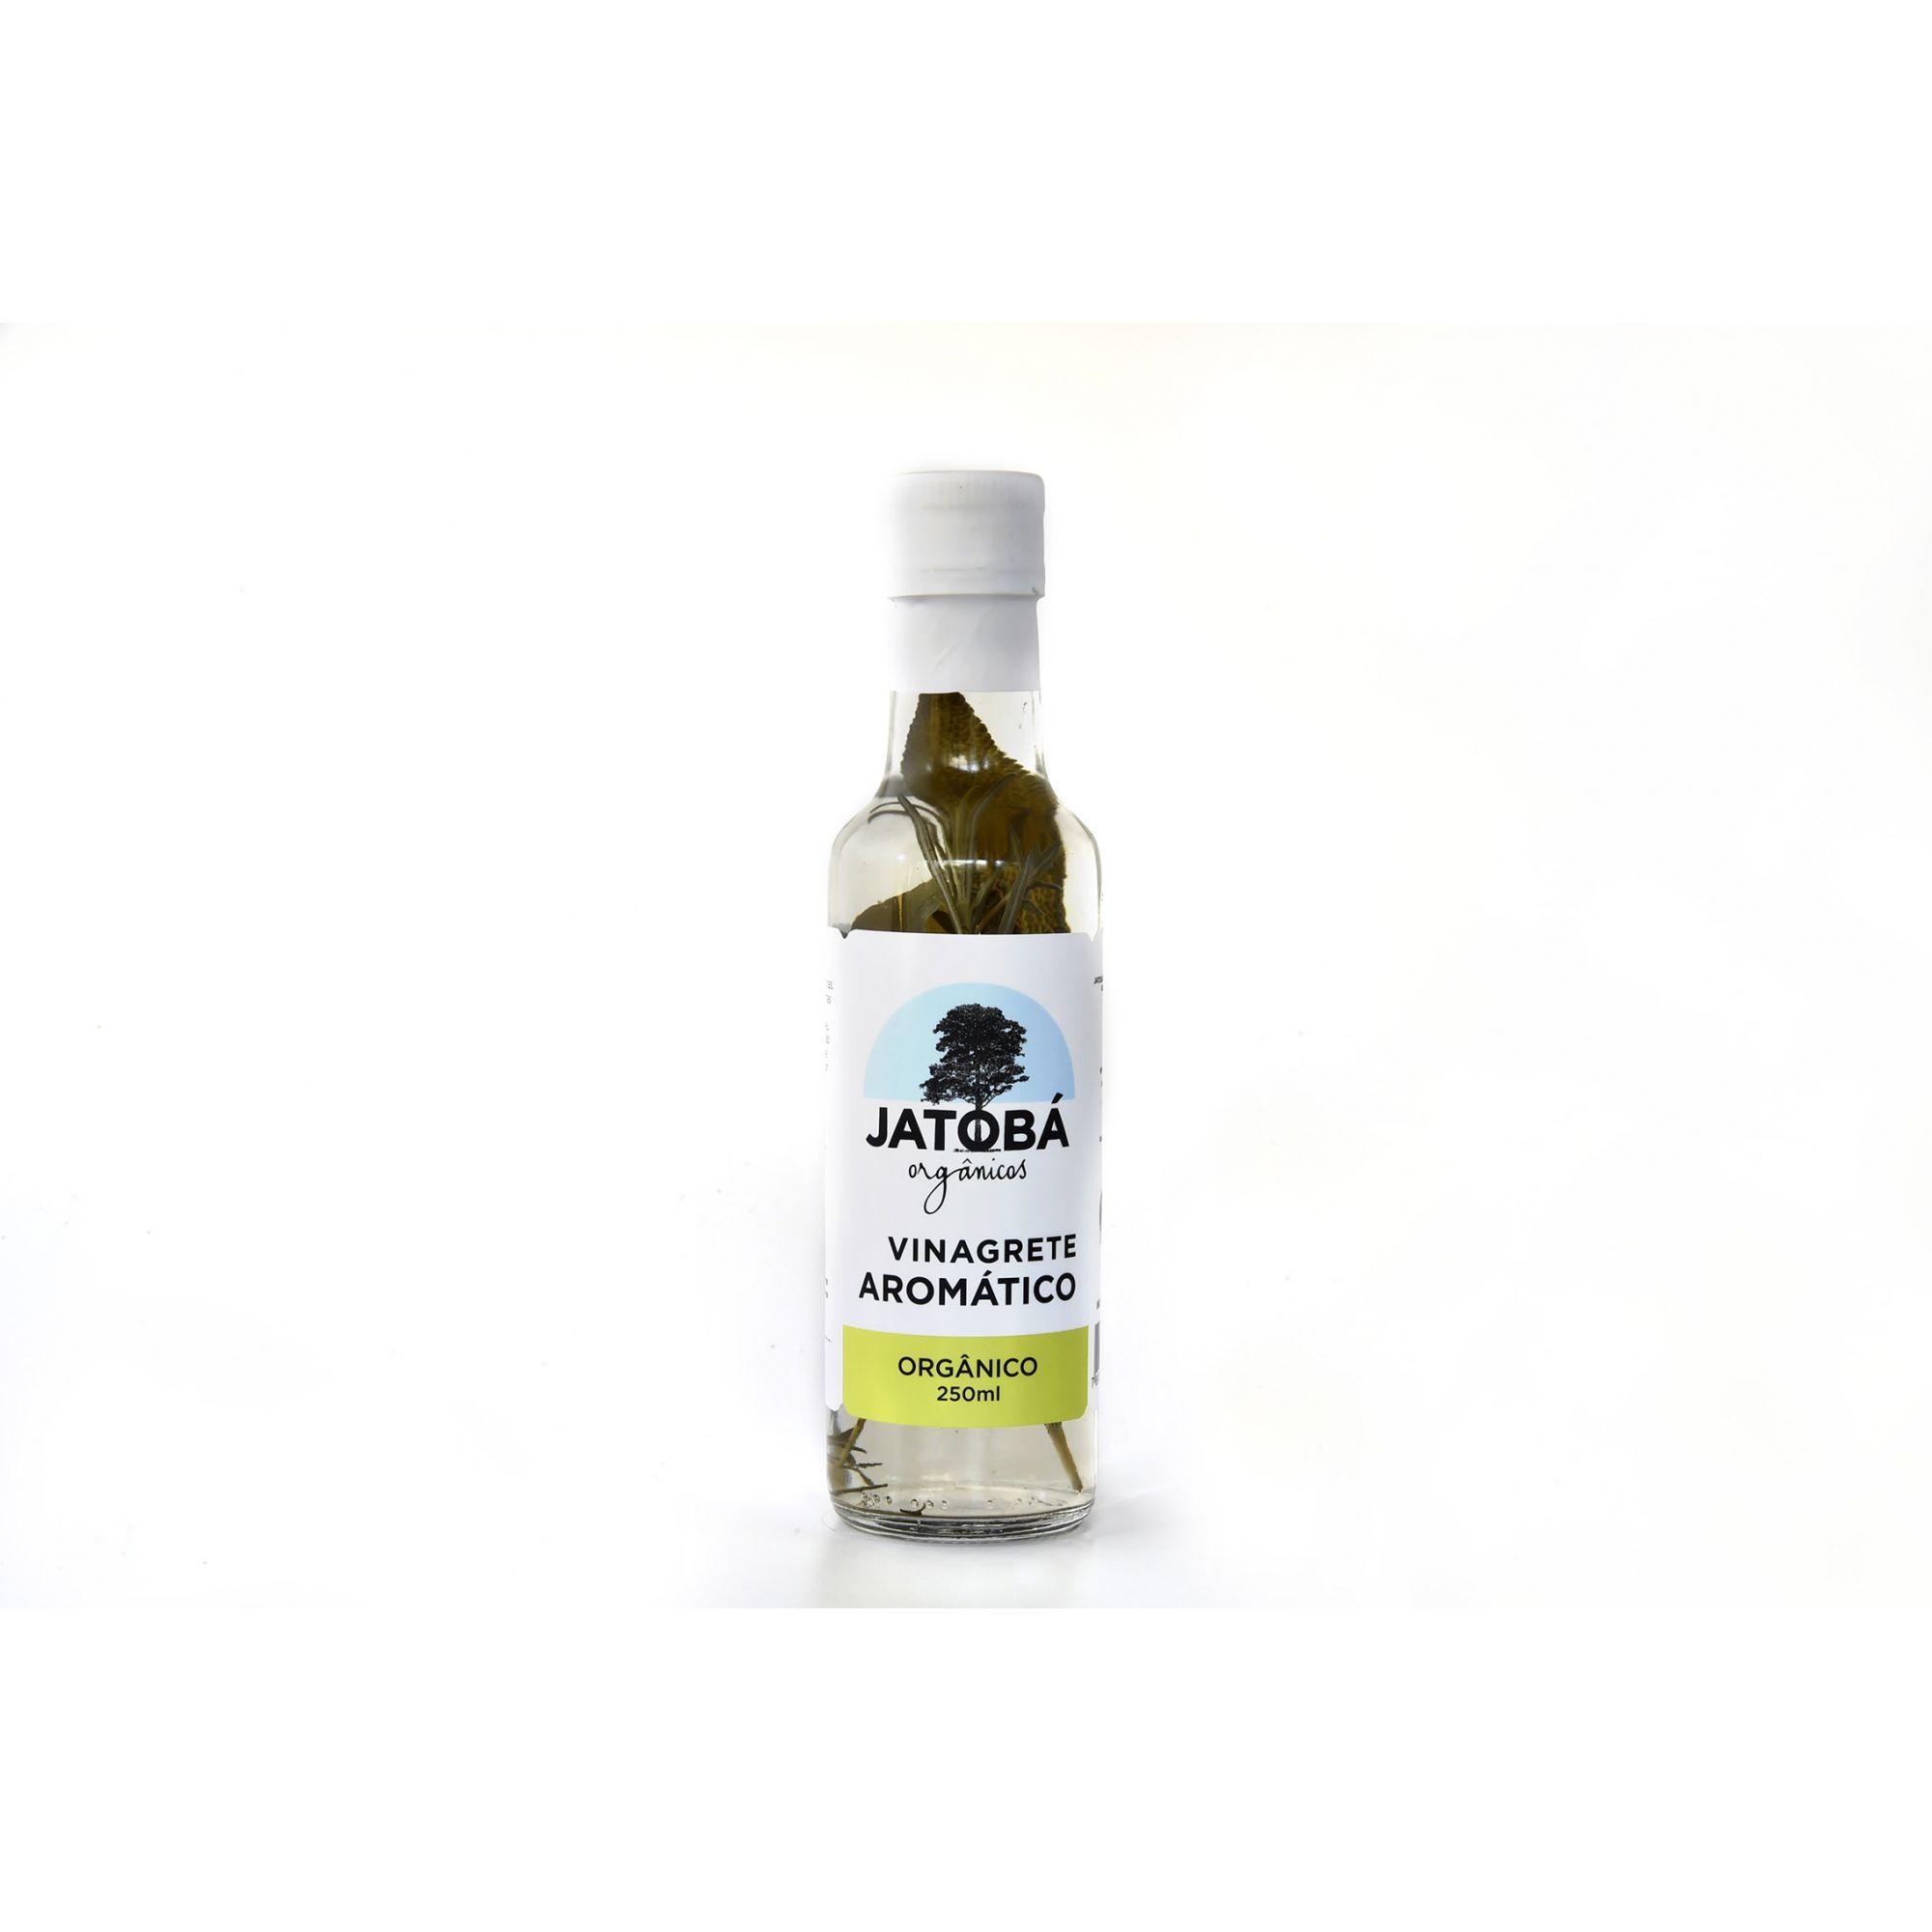 Vinagrete Aromático Orgânico 250 Ml - Jatobá